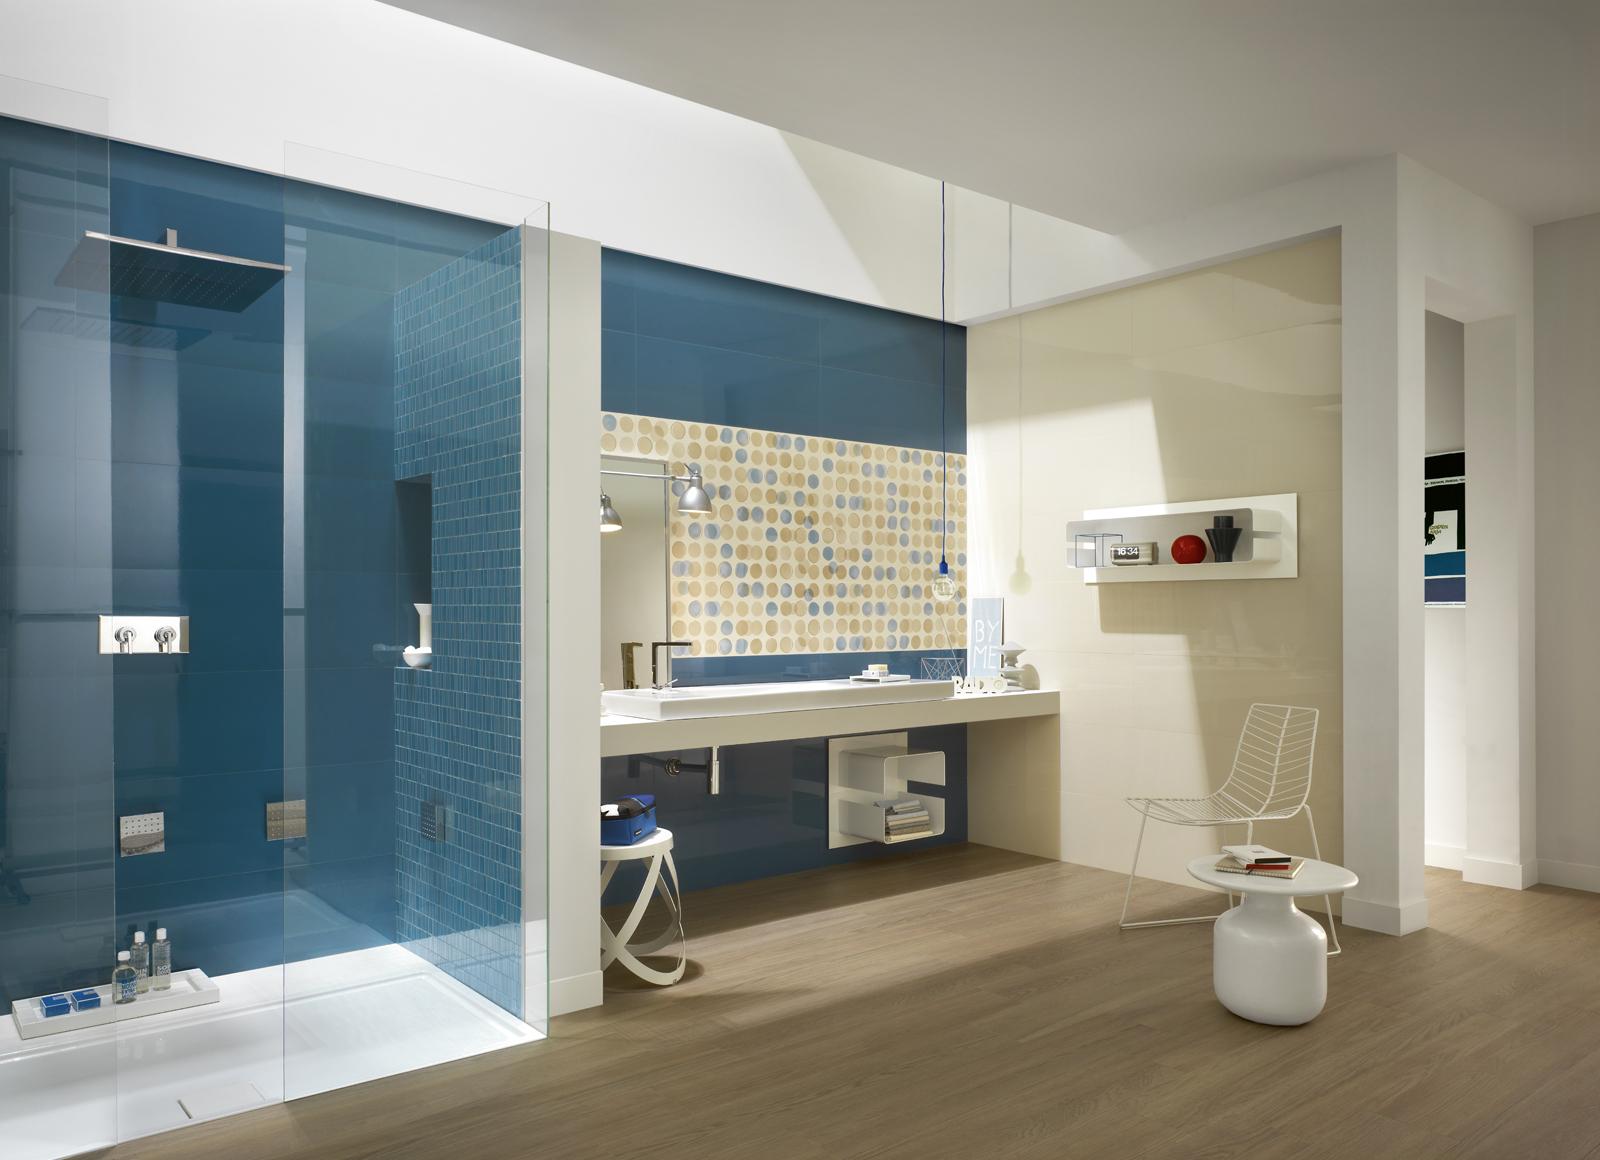 Colorup piastrelle in ceramica per il rivestimento di pareti - Ceramiche per bagno marazzi ...